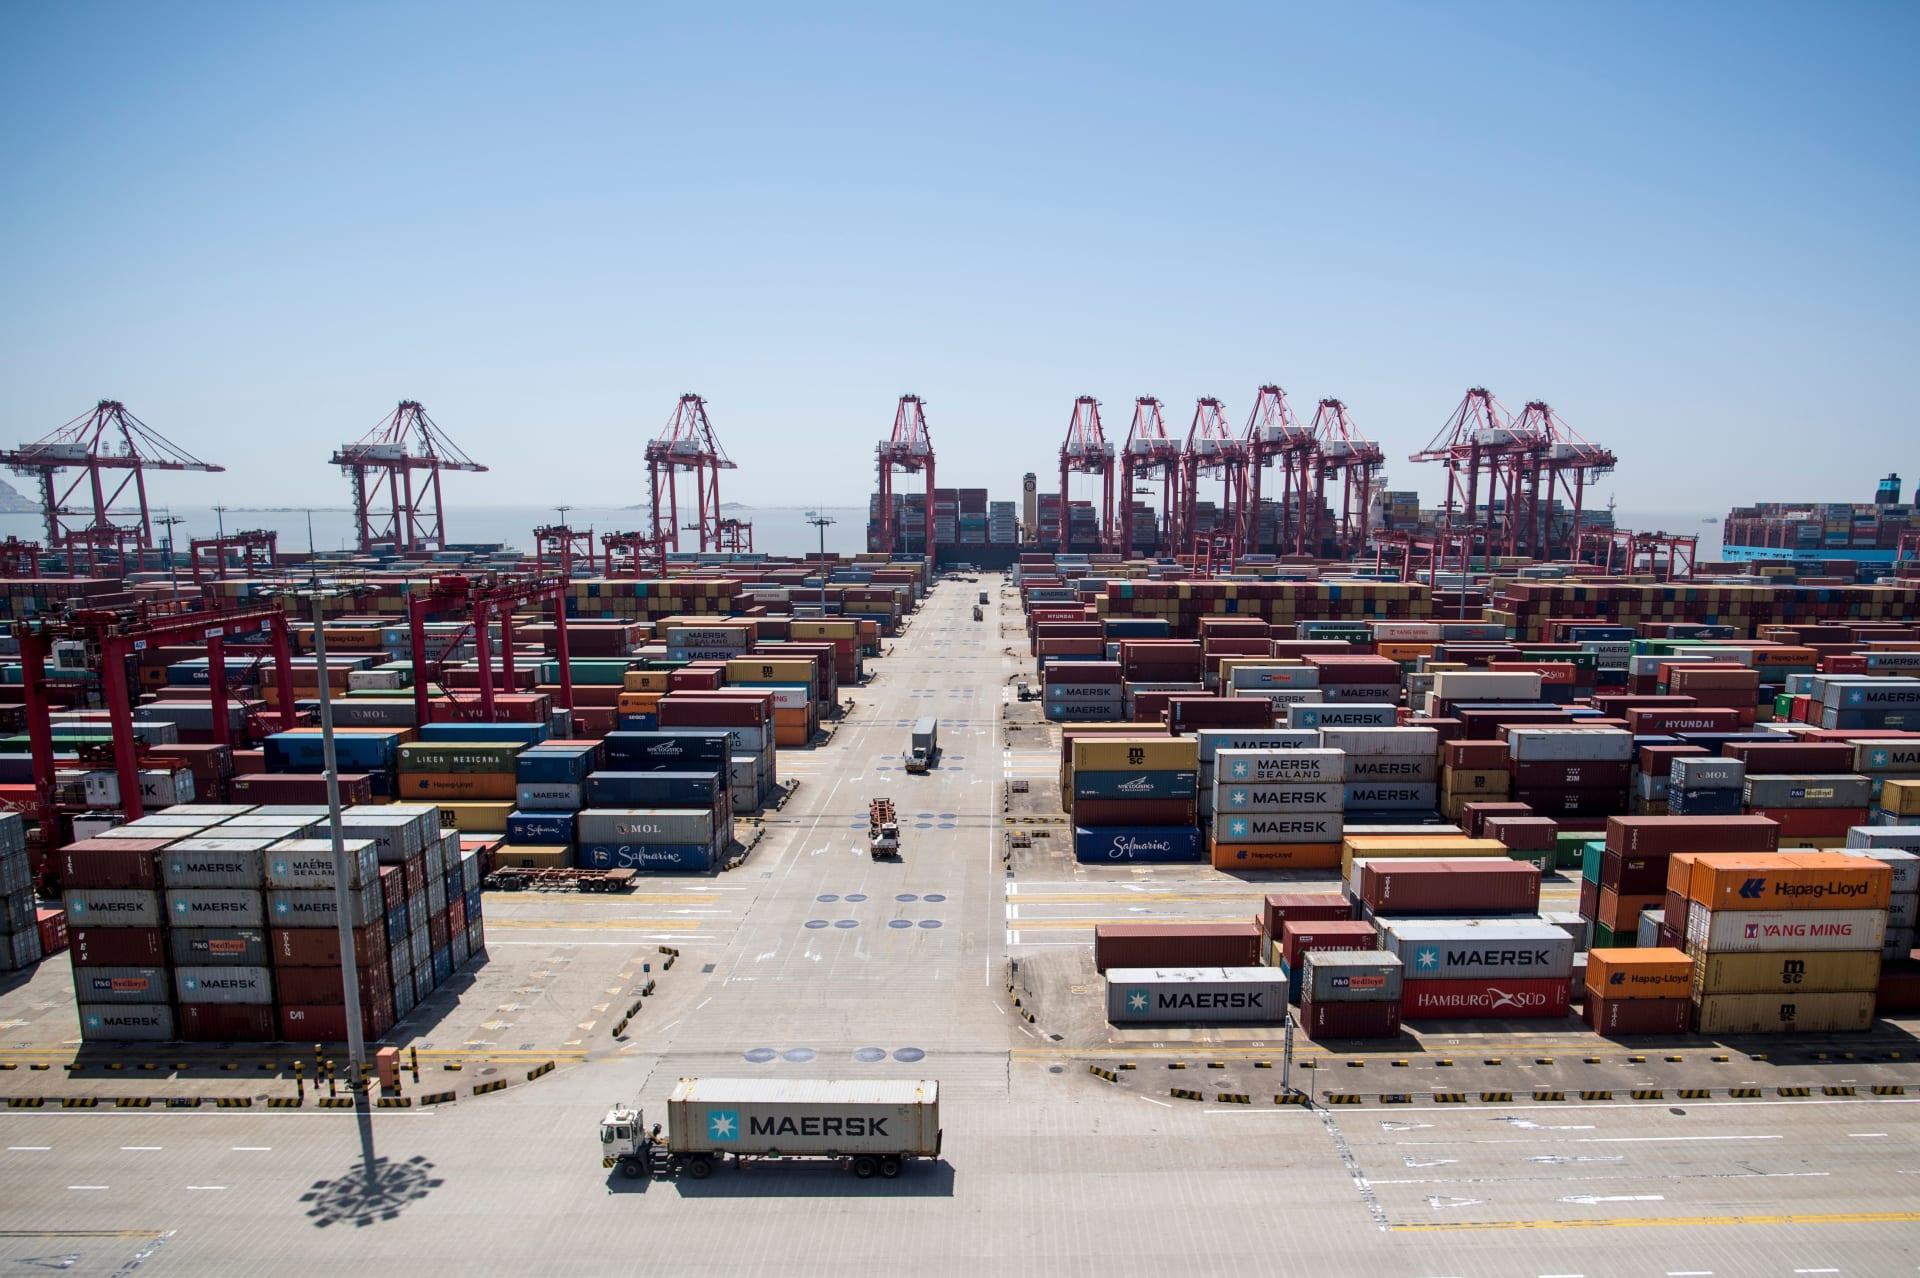 17 دولة عربية توقع وثائق تعاون اقتصادي مع الصين ضمن مبادرة الحزام والطريق